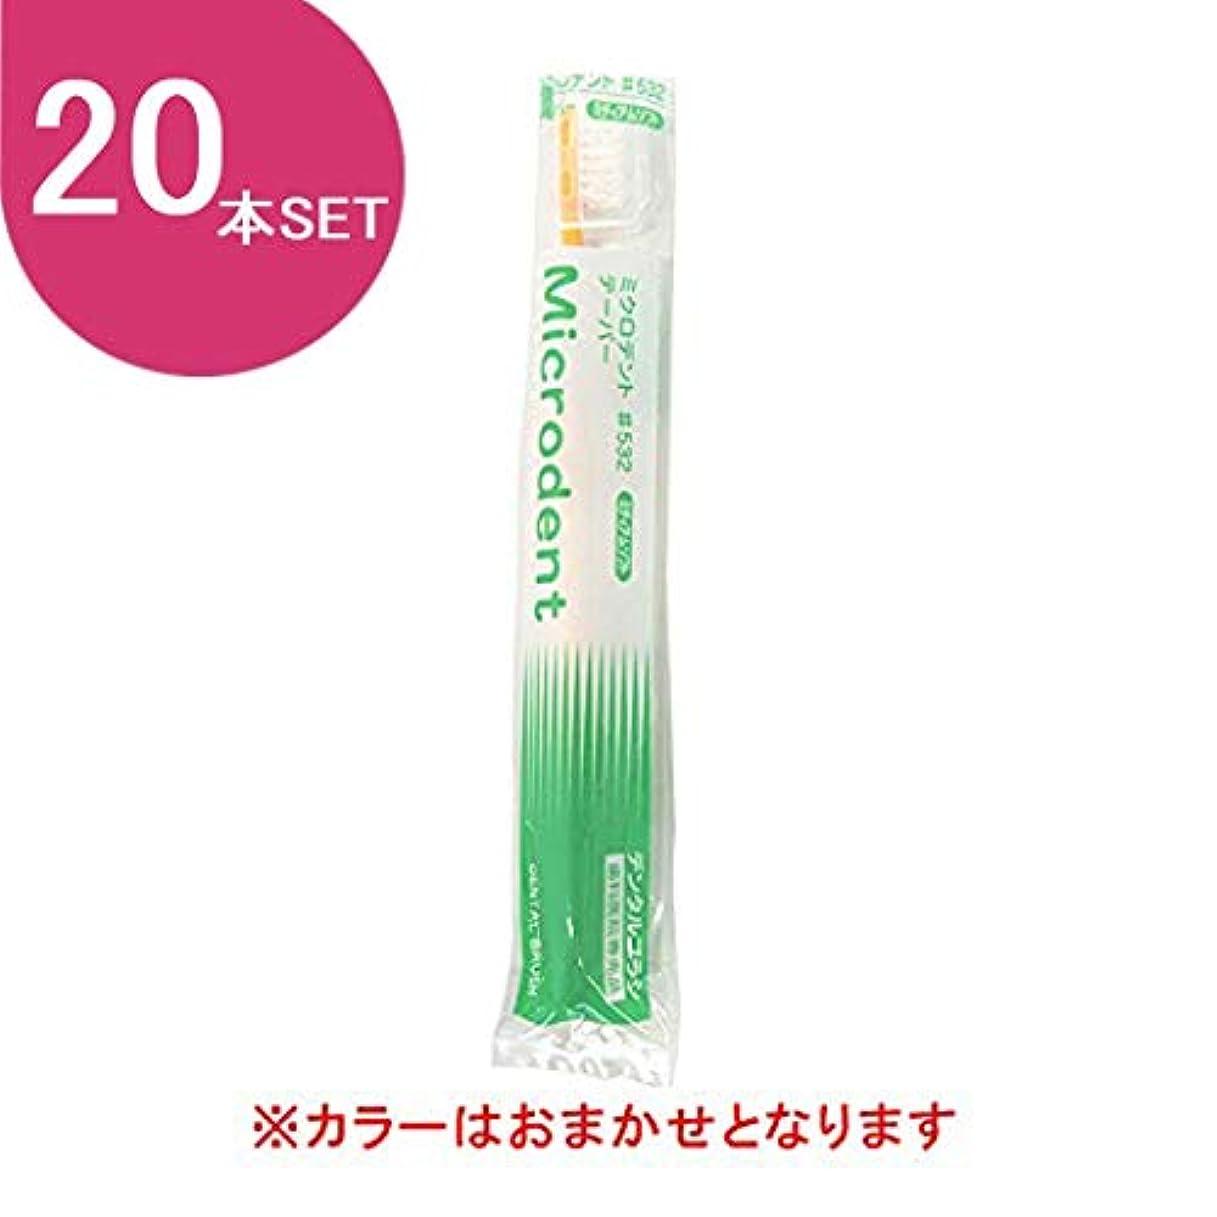 おいしい接ぎ木熟練した白水貿易 ミクロデント (Microdent) 20本 #532 (ミディアム)